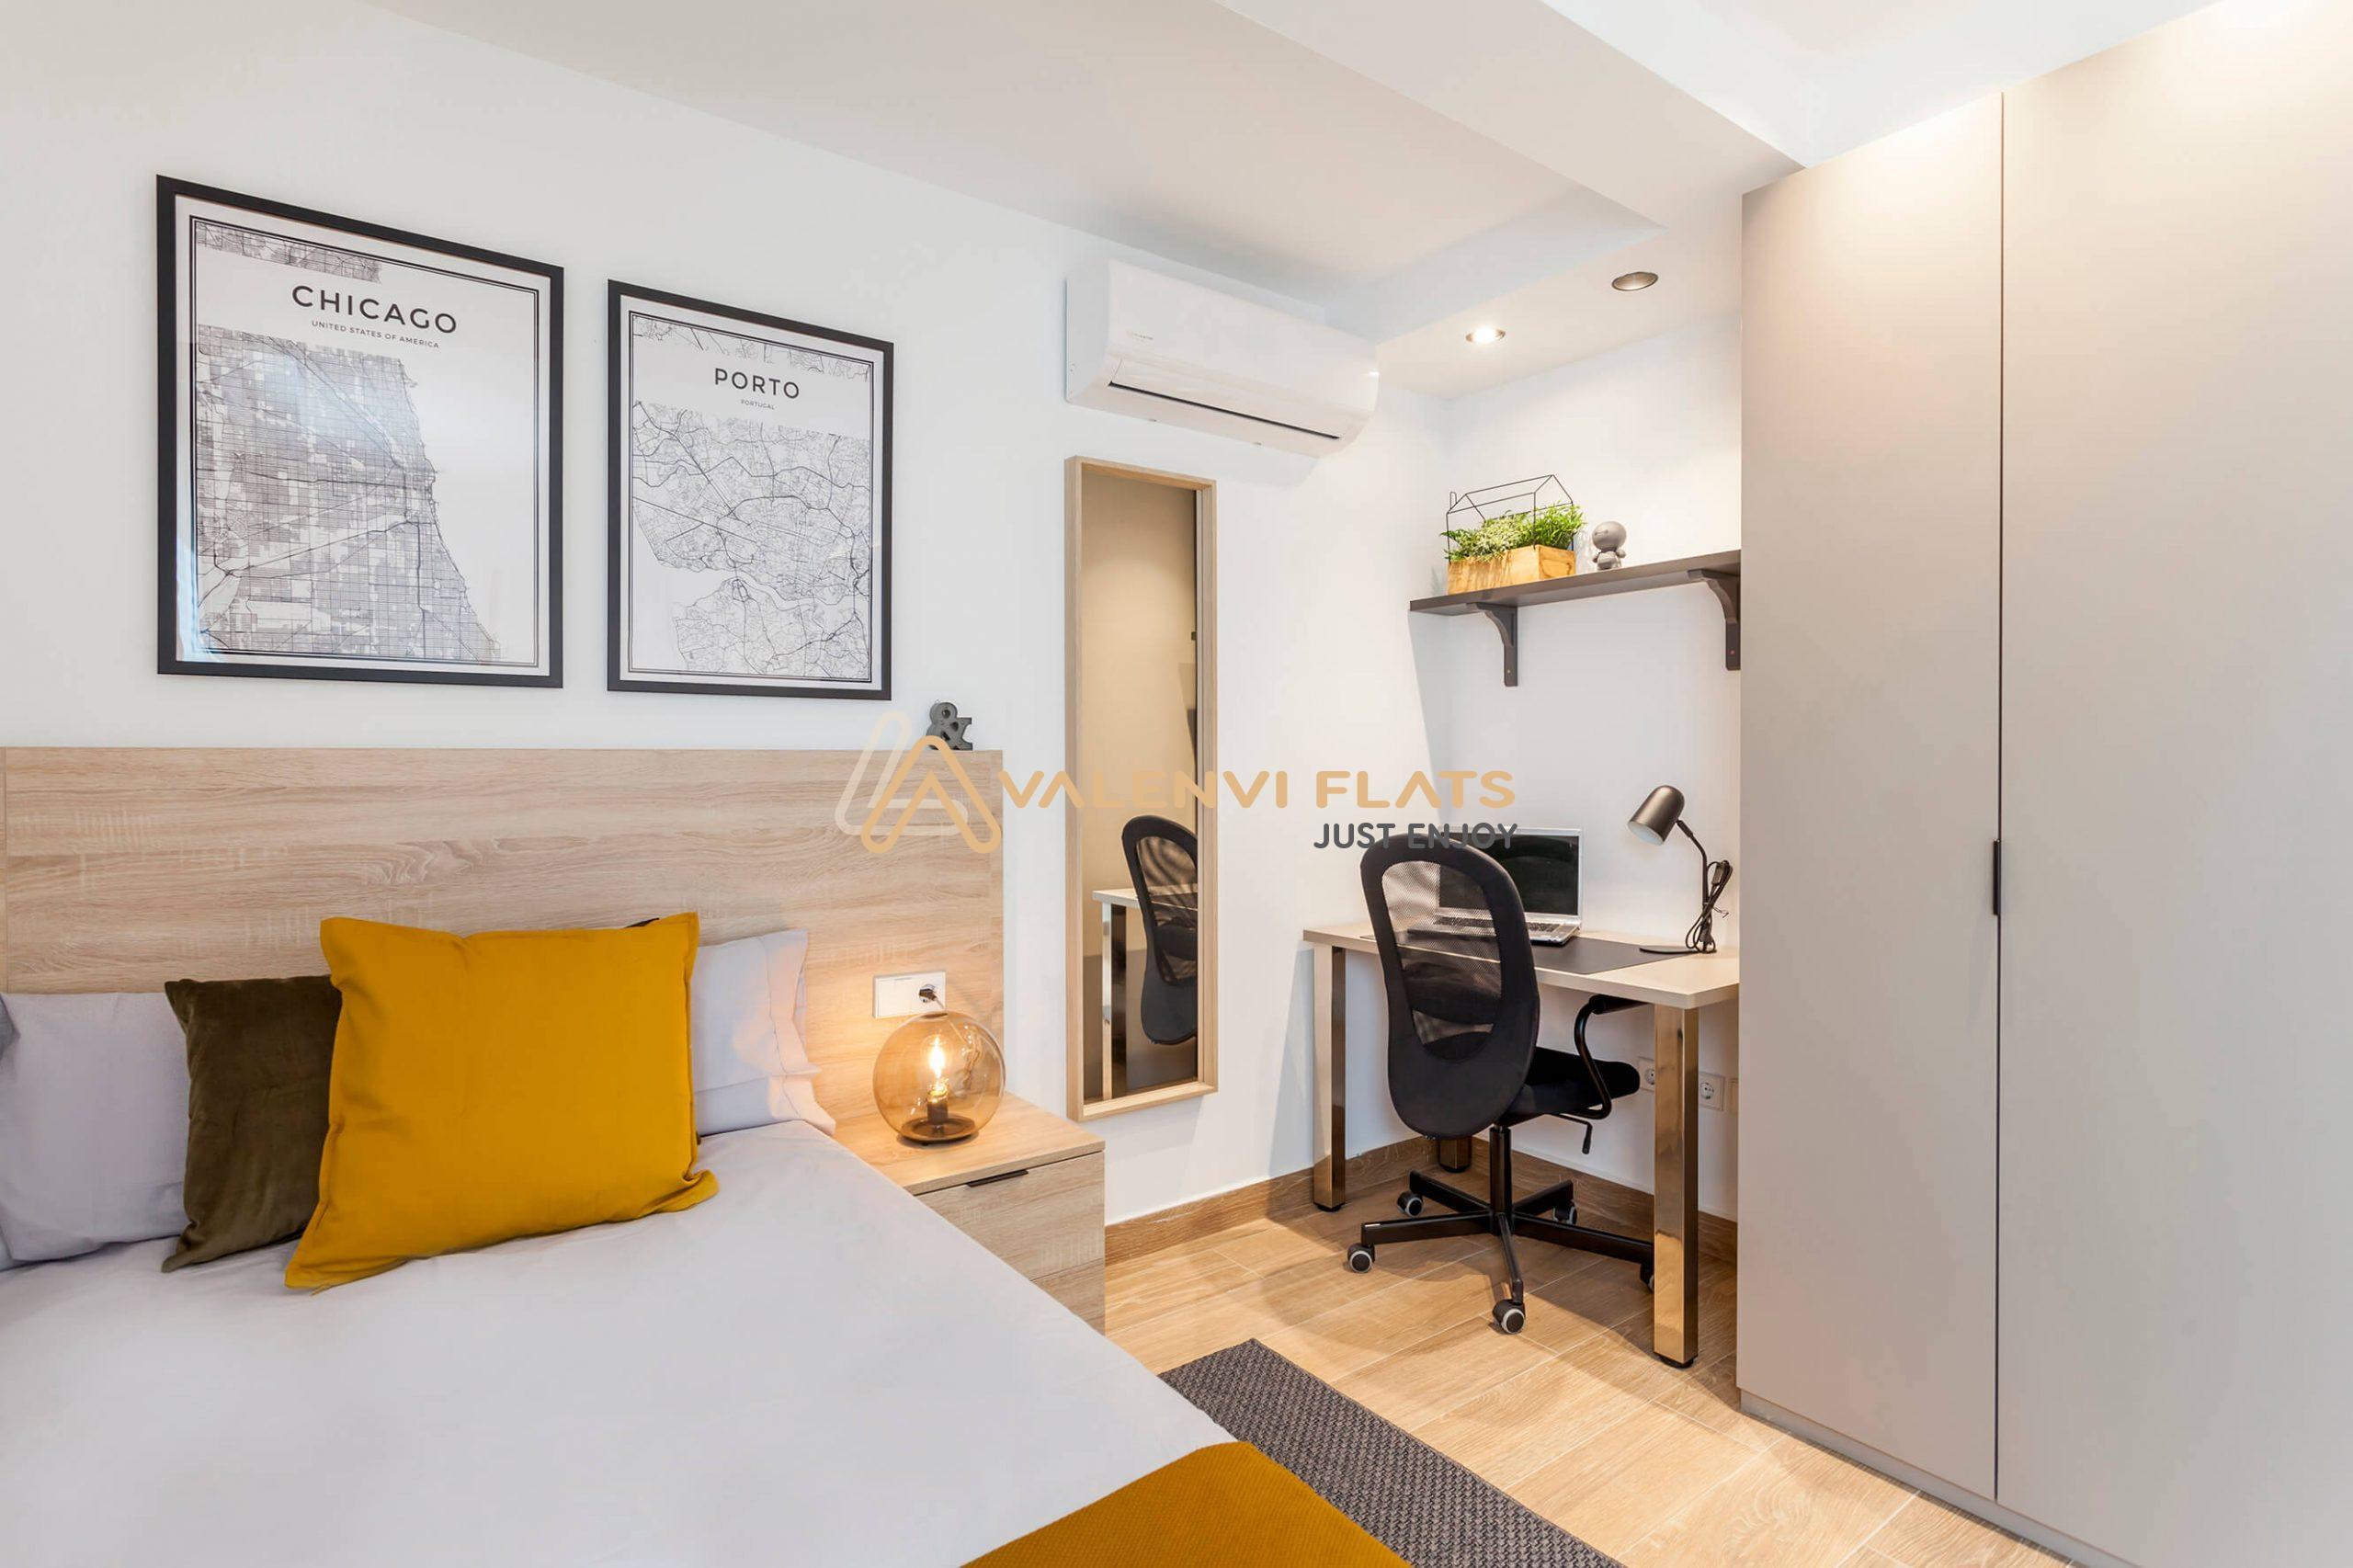 Estudio para una persona con armario, escritorio, aire acondicionado y decoración moderna